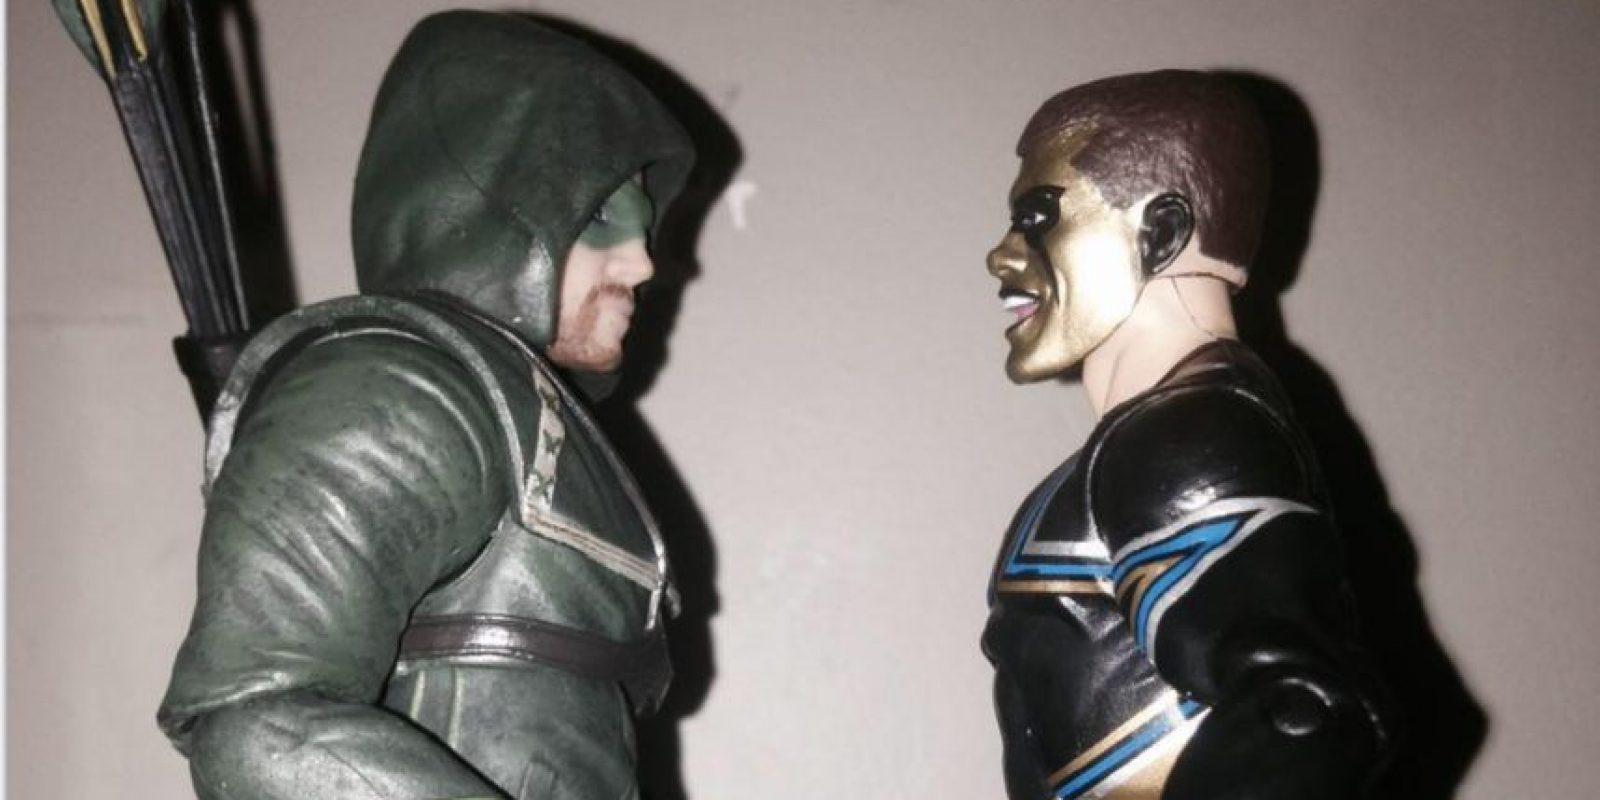 Luego de ataques verbales del actor Stephen Amell y el luchador Stardust se pactó una pelea para SummerSlam Foto:Vía twitter.com/amellywood